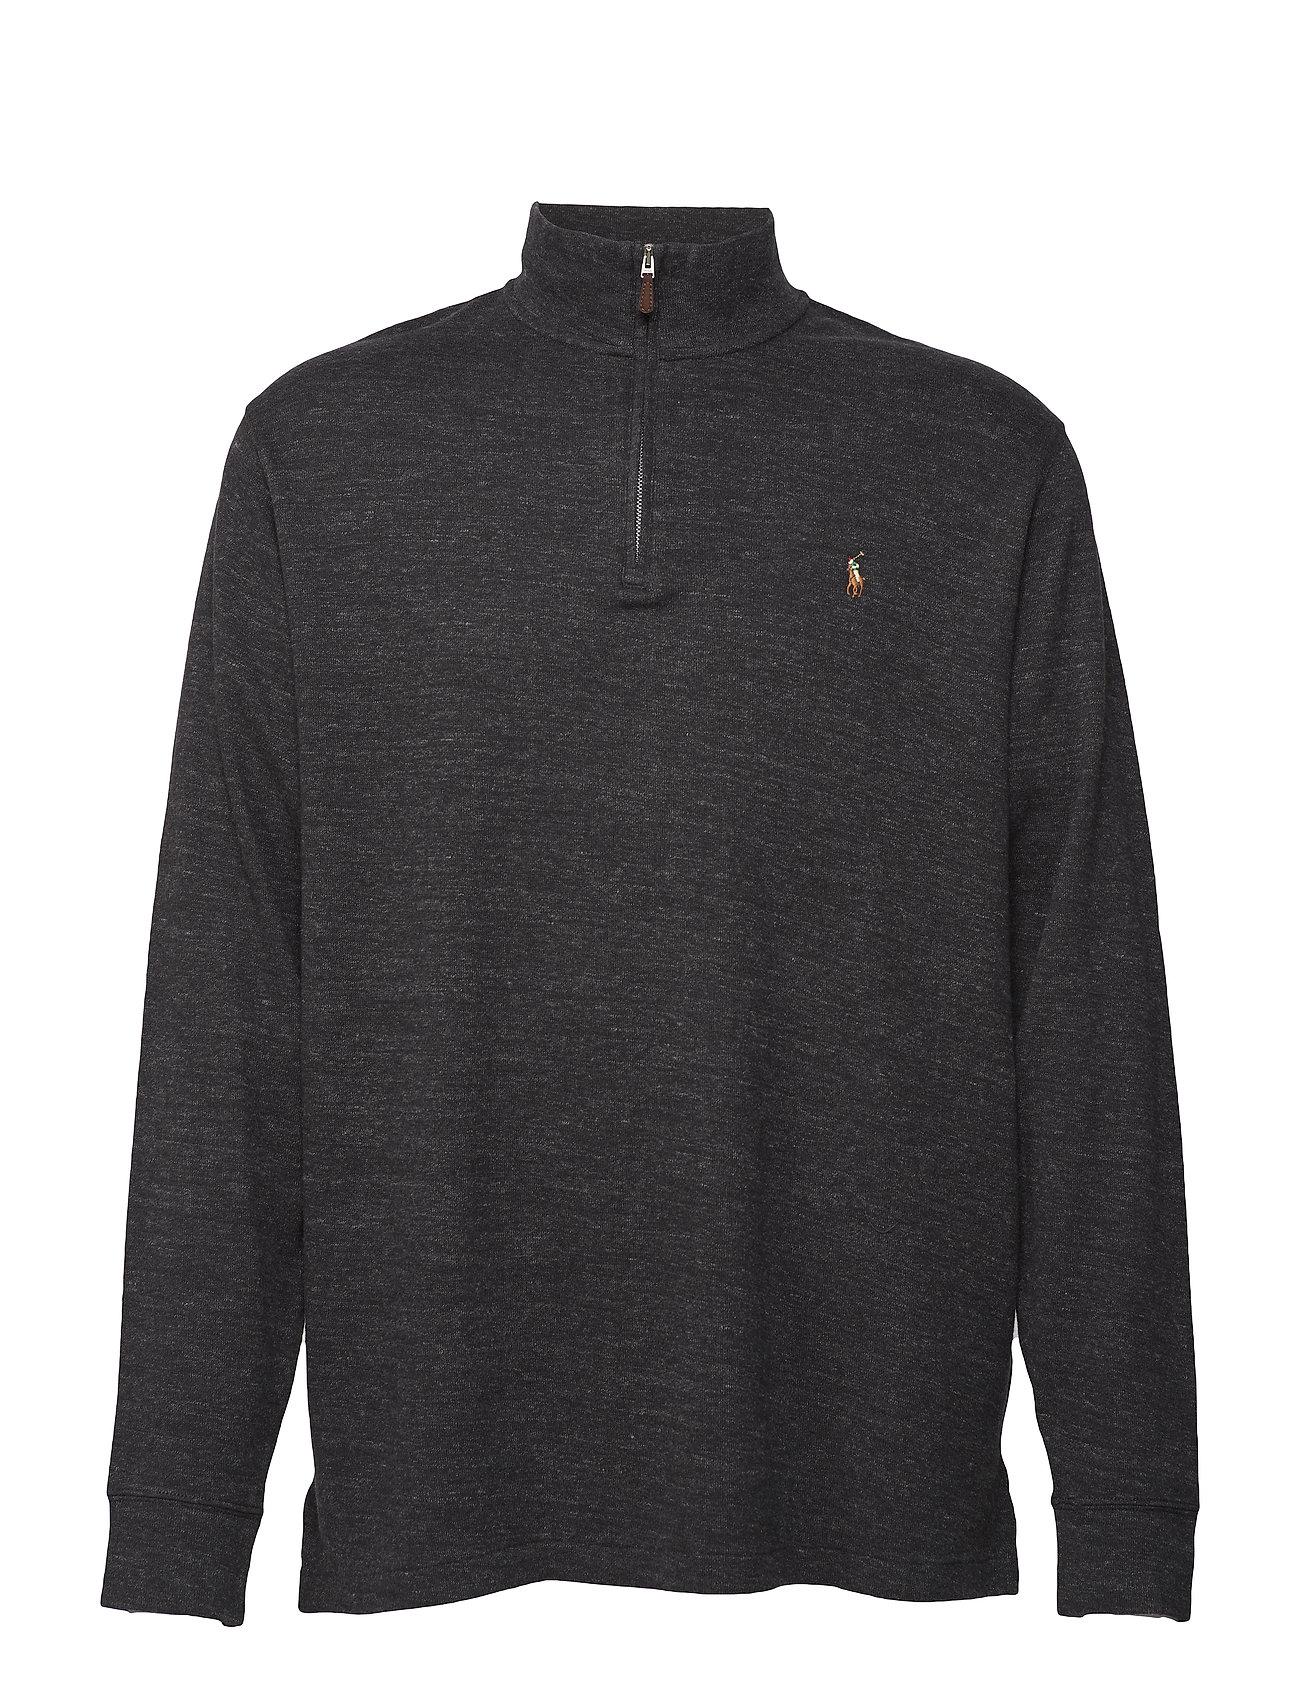 71ede60f5 Estate Rib Half-zip Pullover (Black Marl Heathe) (£65.45) - Polo ...